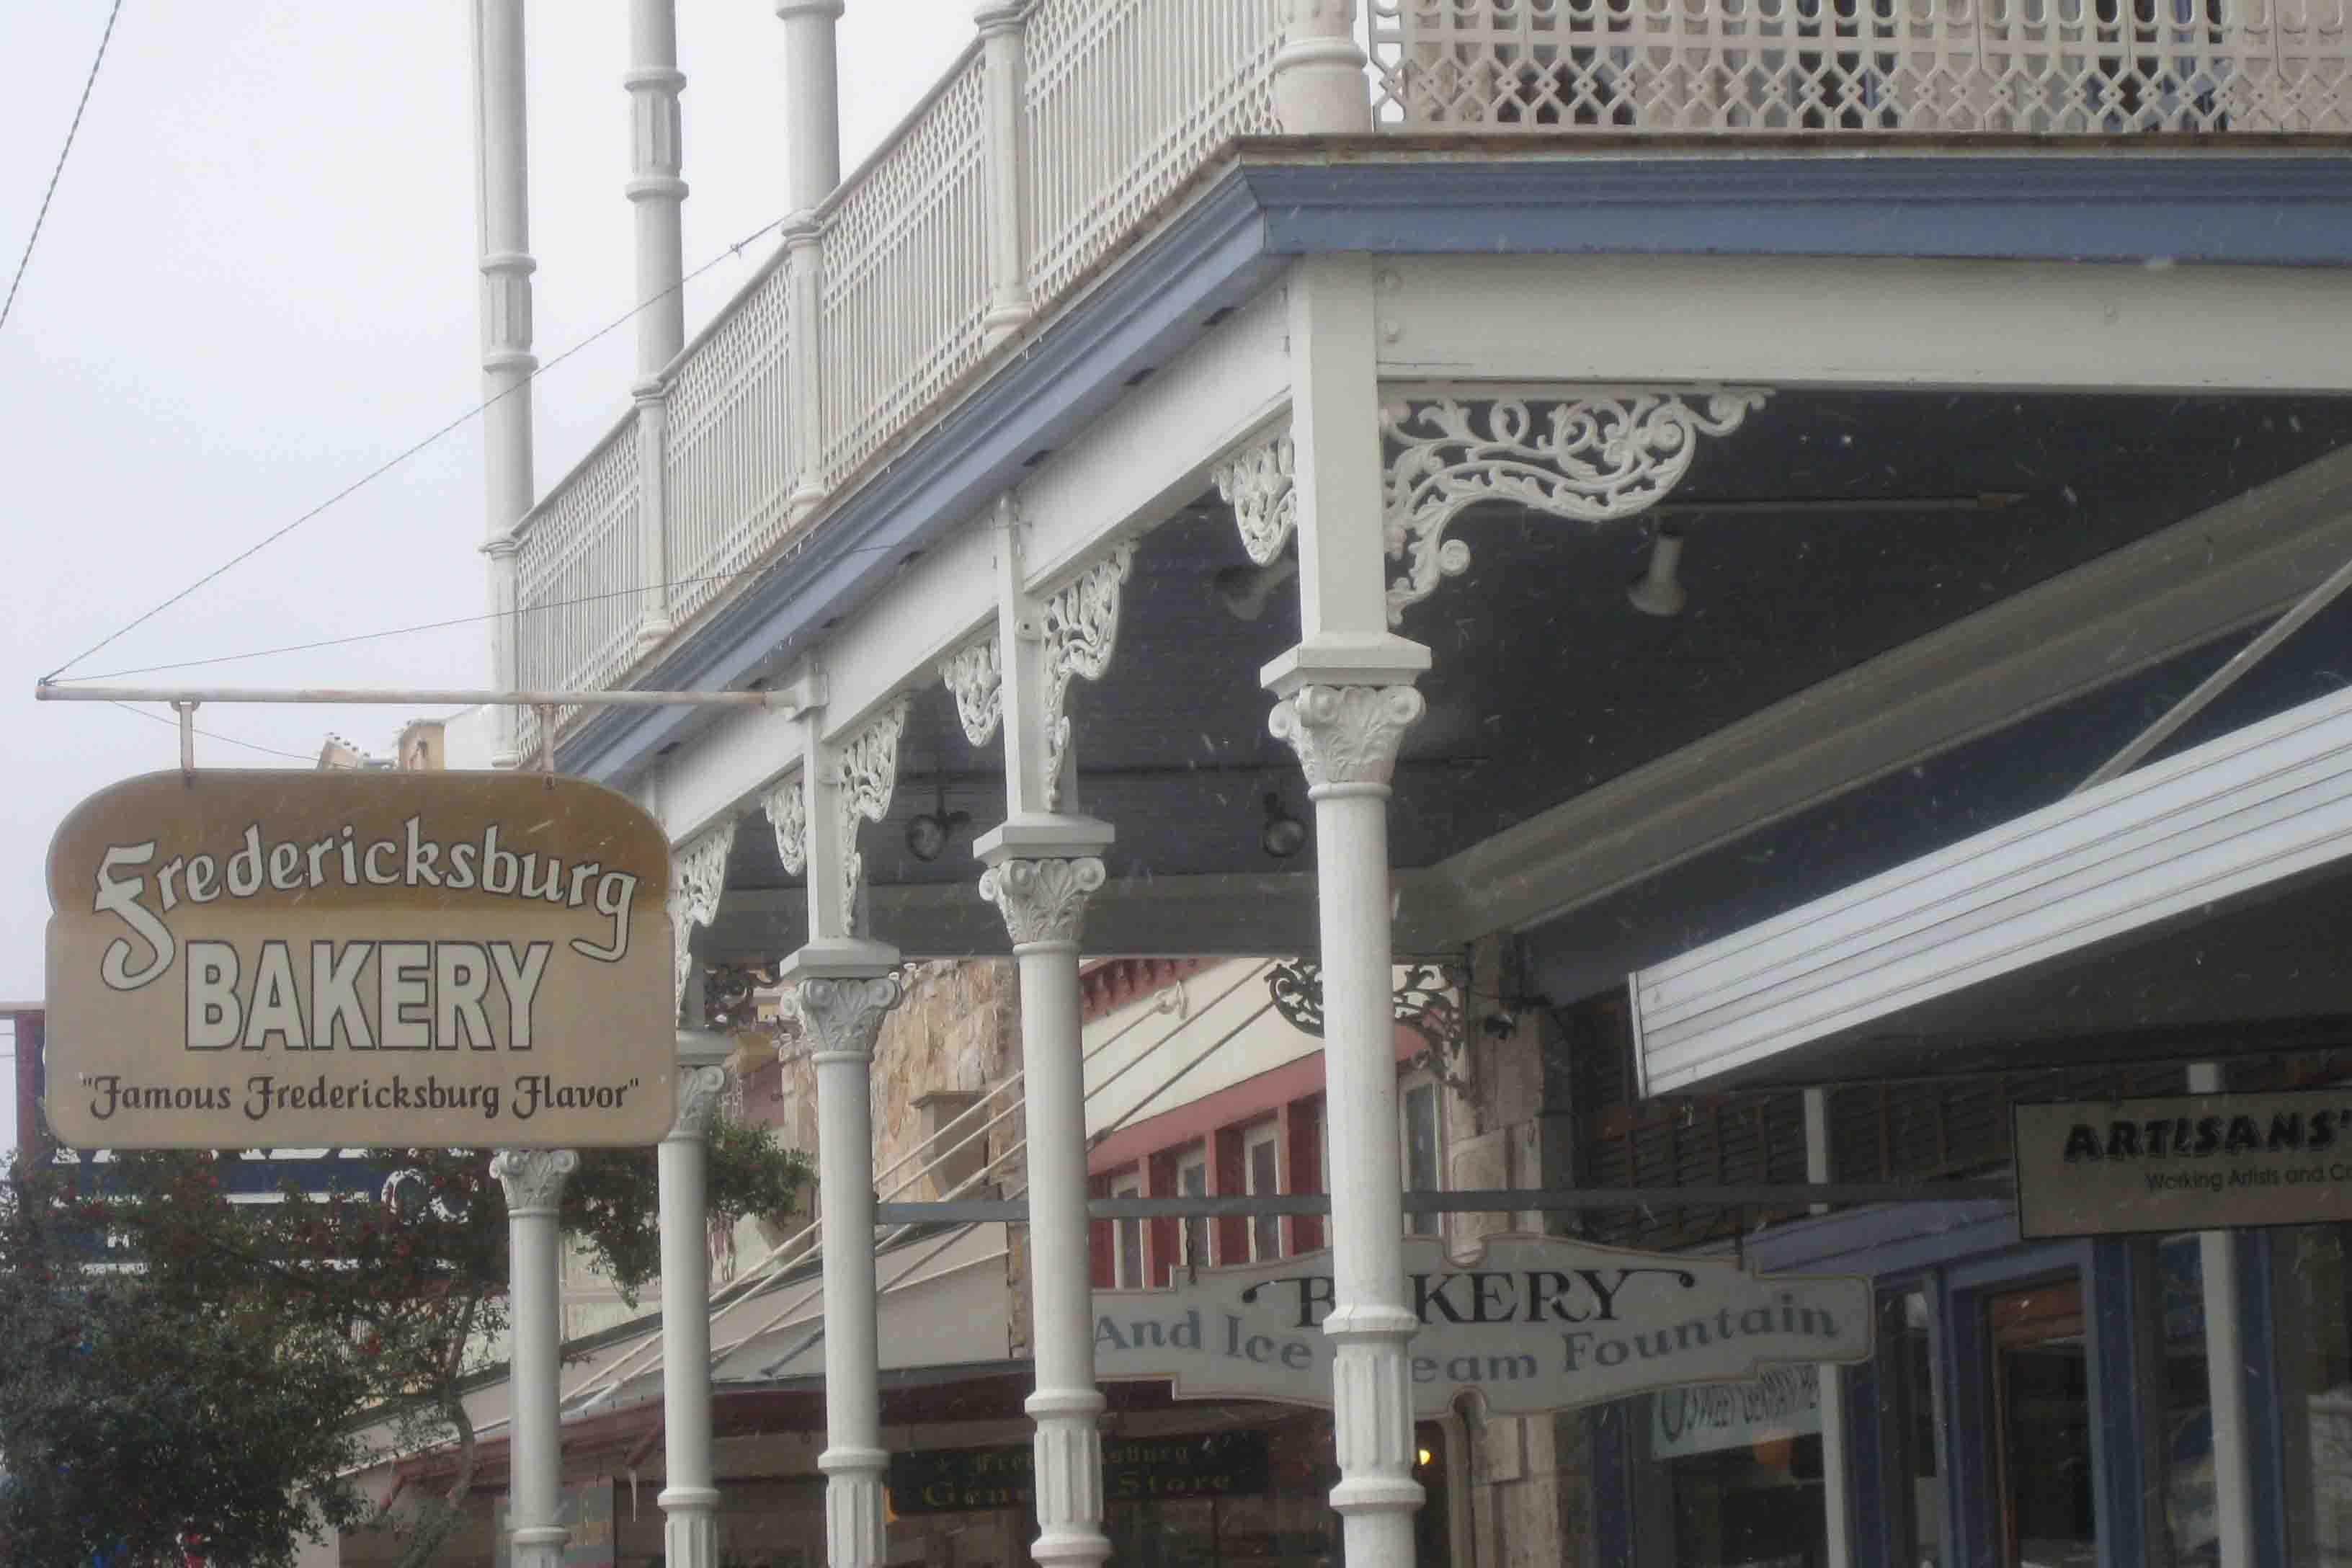 Fredericksburg bakery